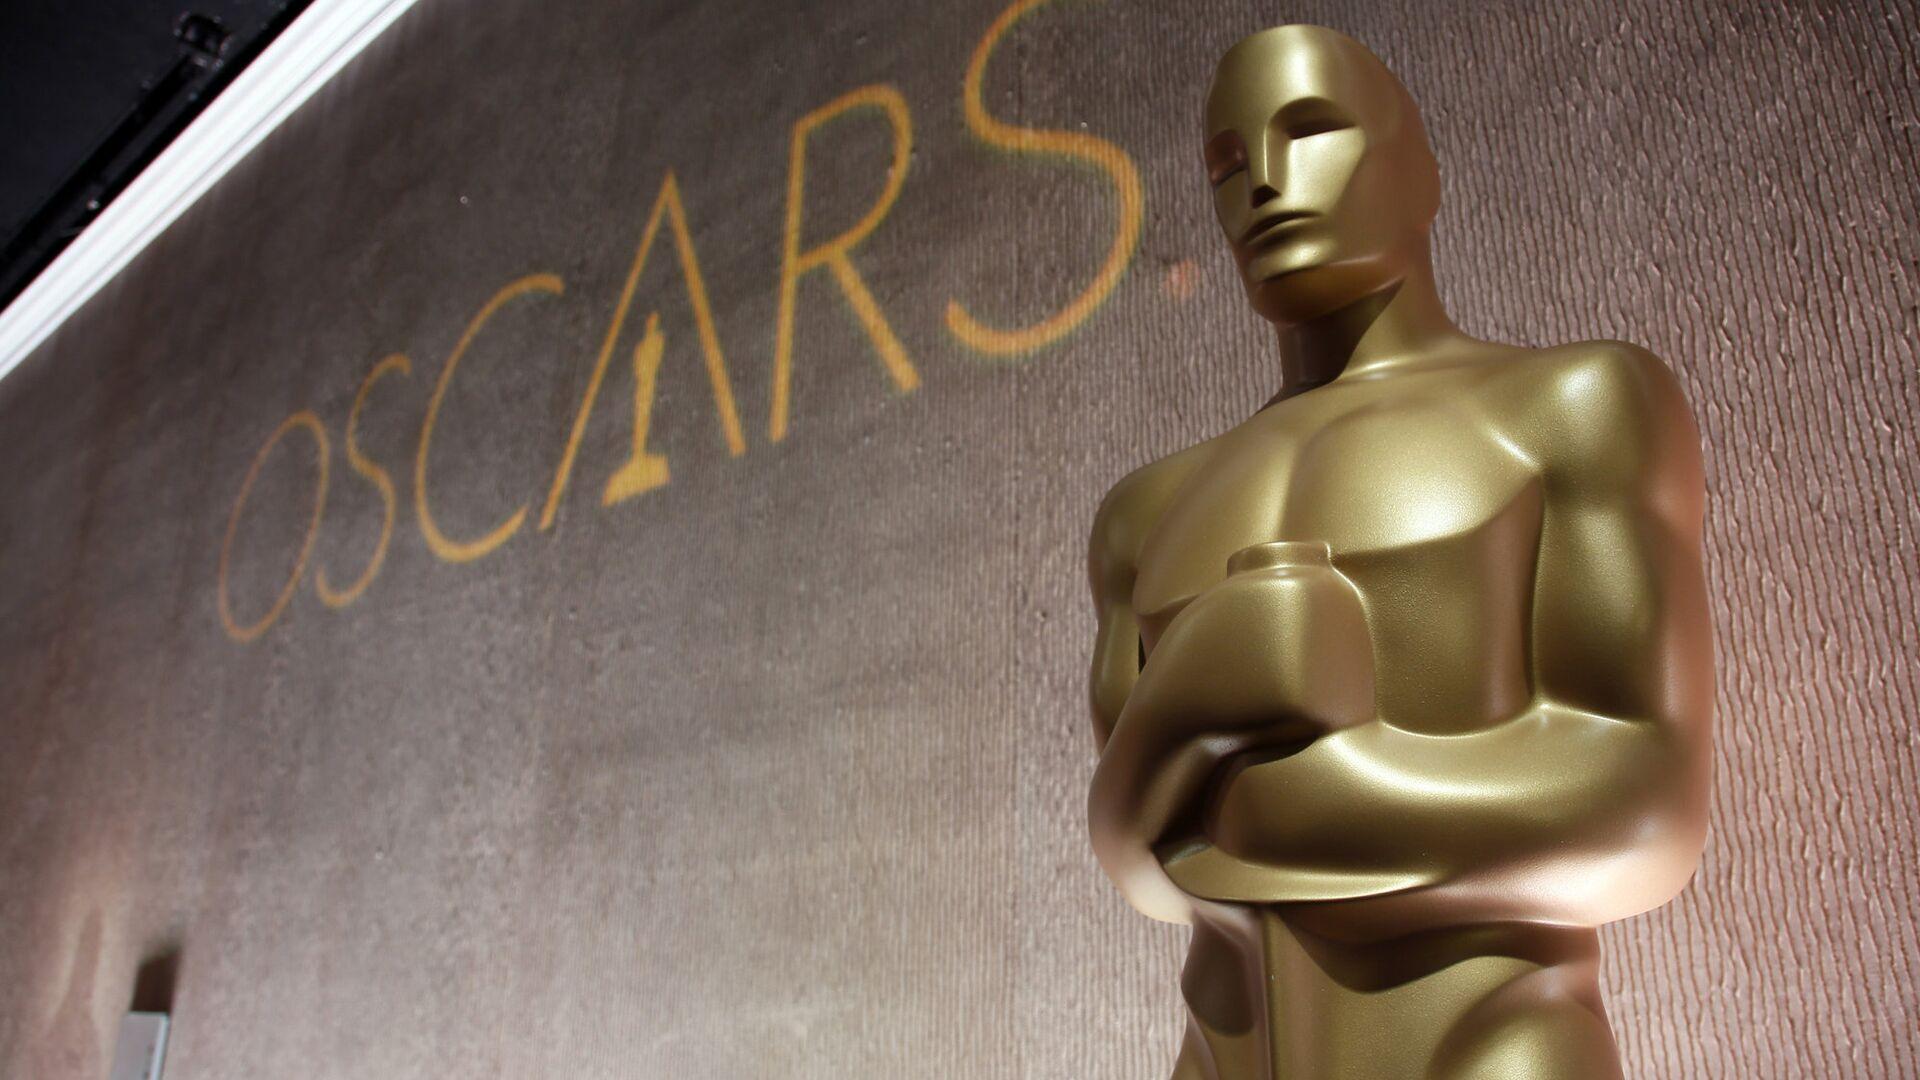 Статуэтка Оскара на обеде номинантов в отеле Beverly Hilton. Февраль 2016 - РИА Новости, 1920, 08.10.2020